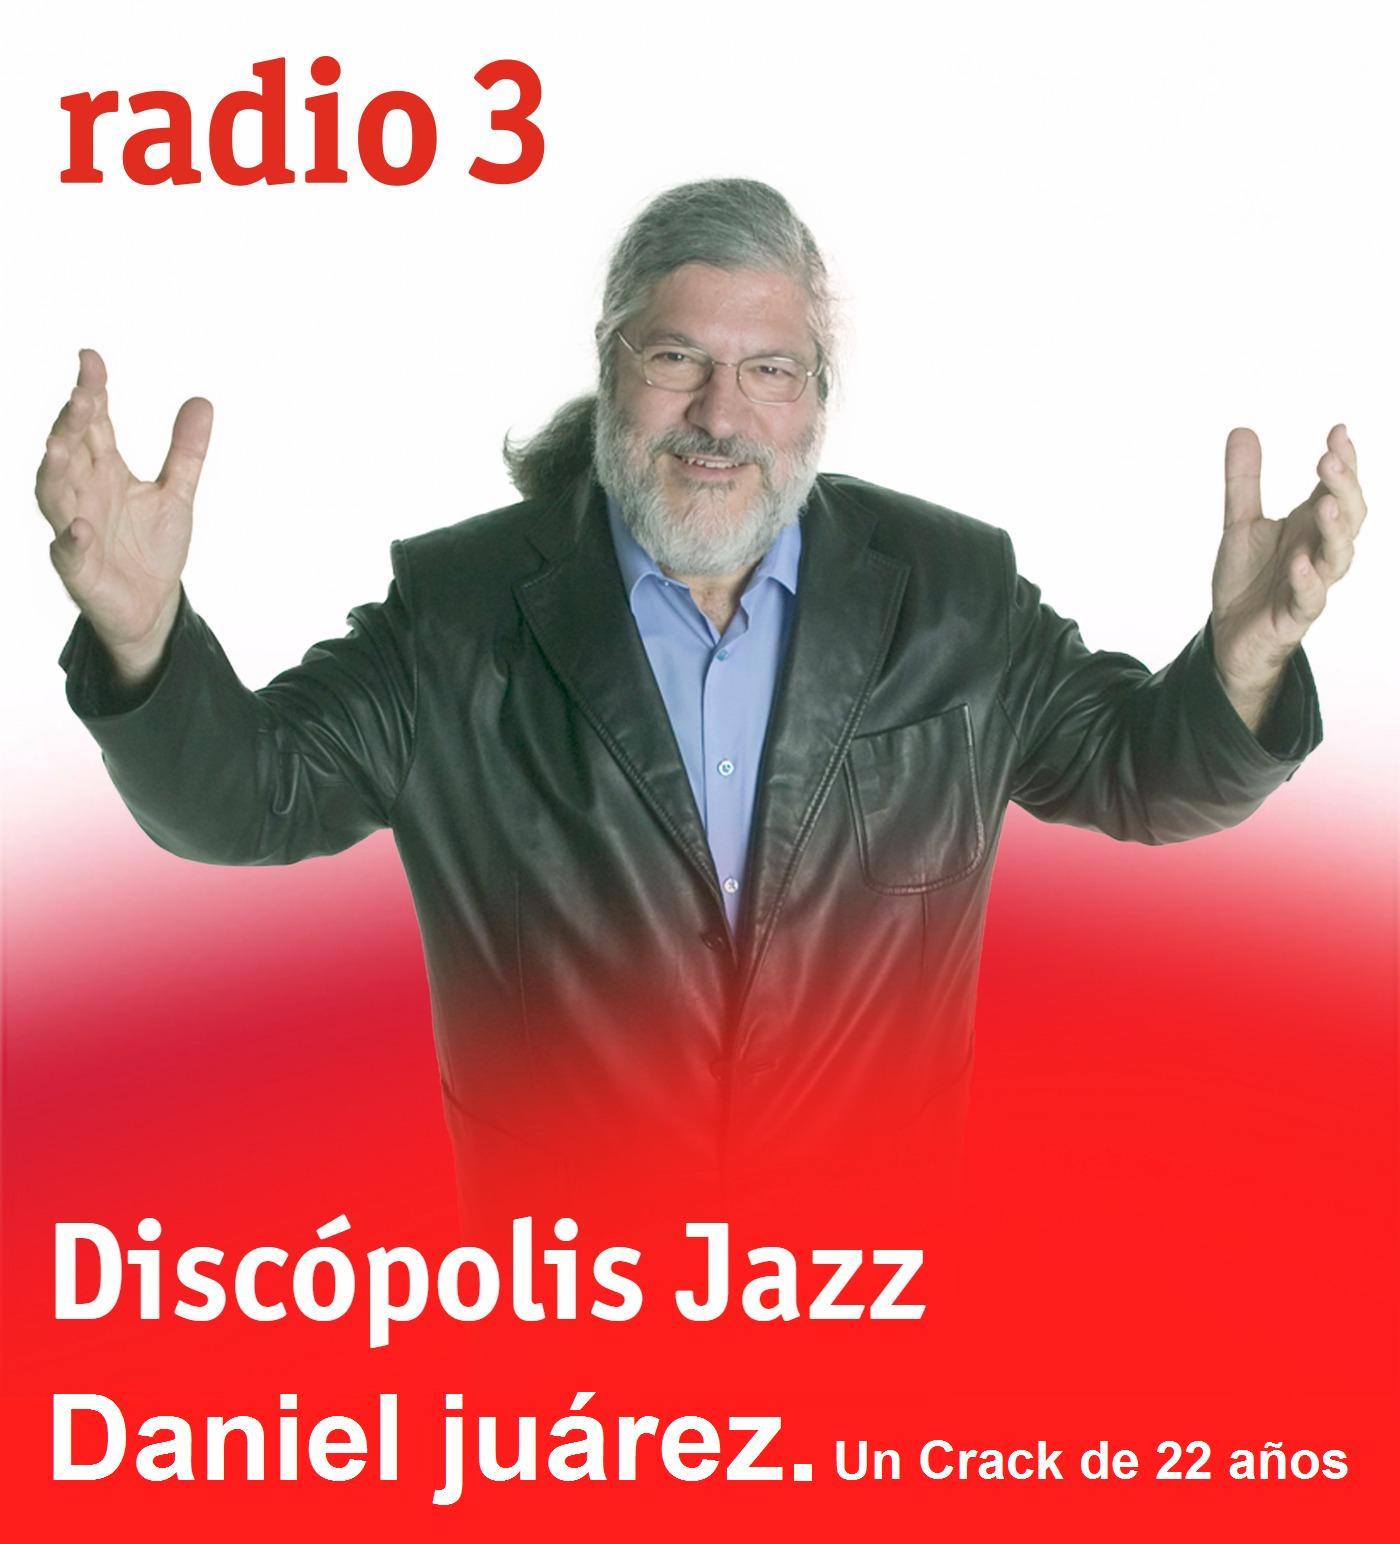 """RADIO 3 ENSALZA A DANIEL JUÁREZ Y SU CD """"CAMINOS"""""""